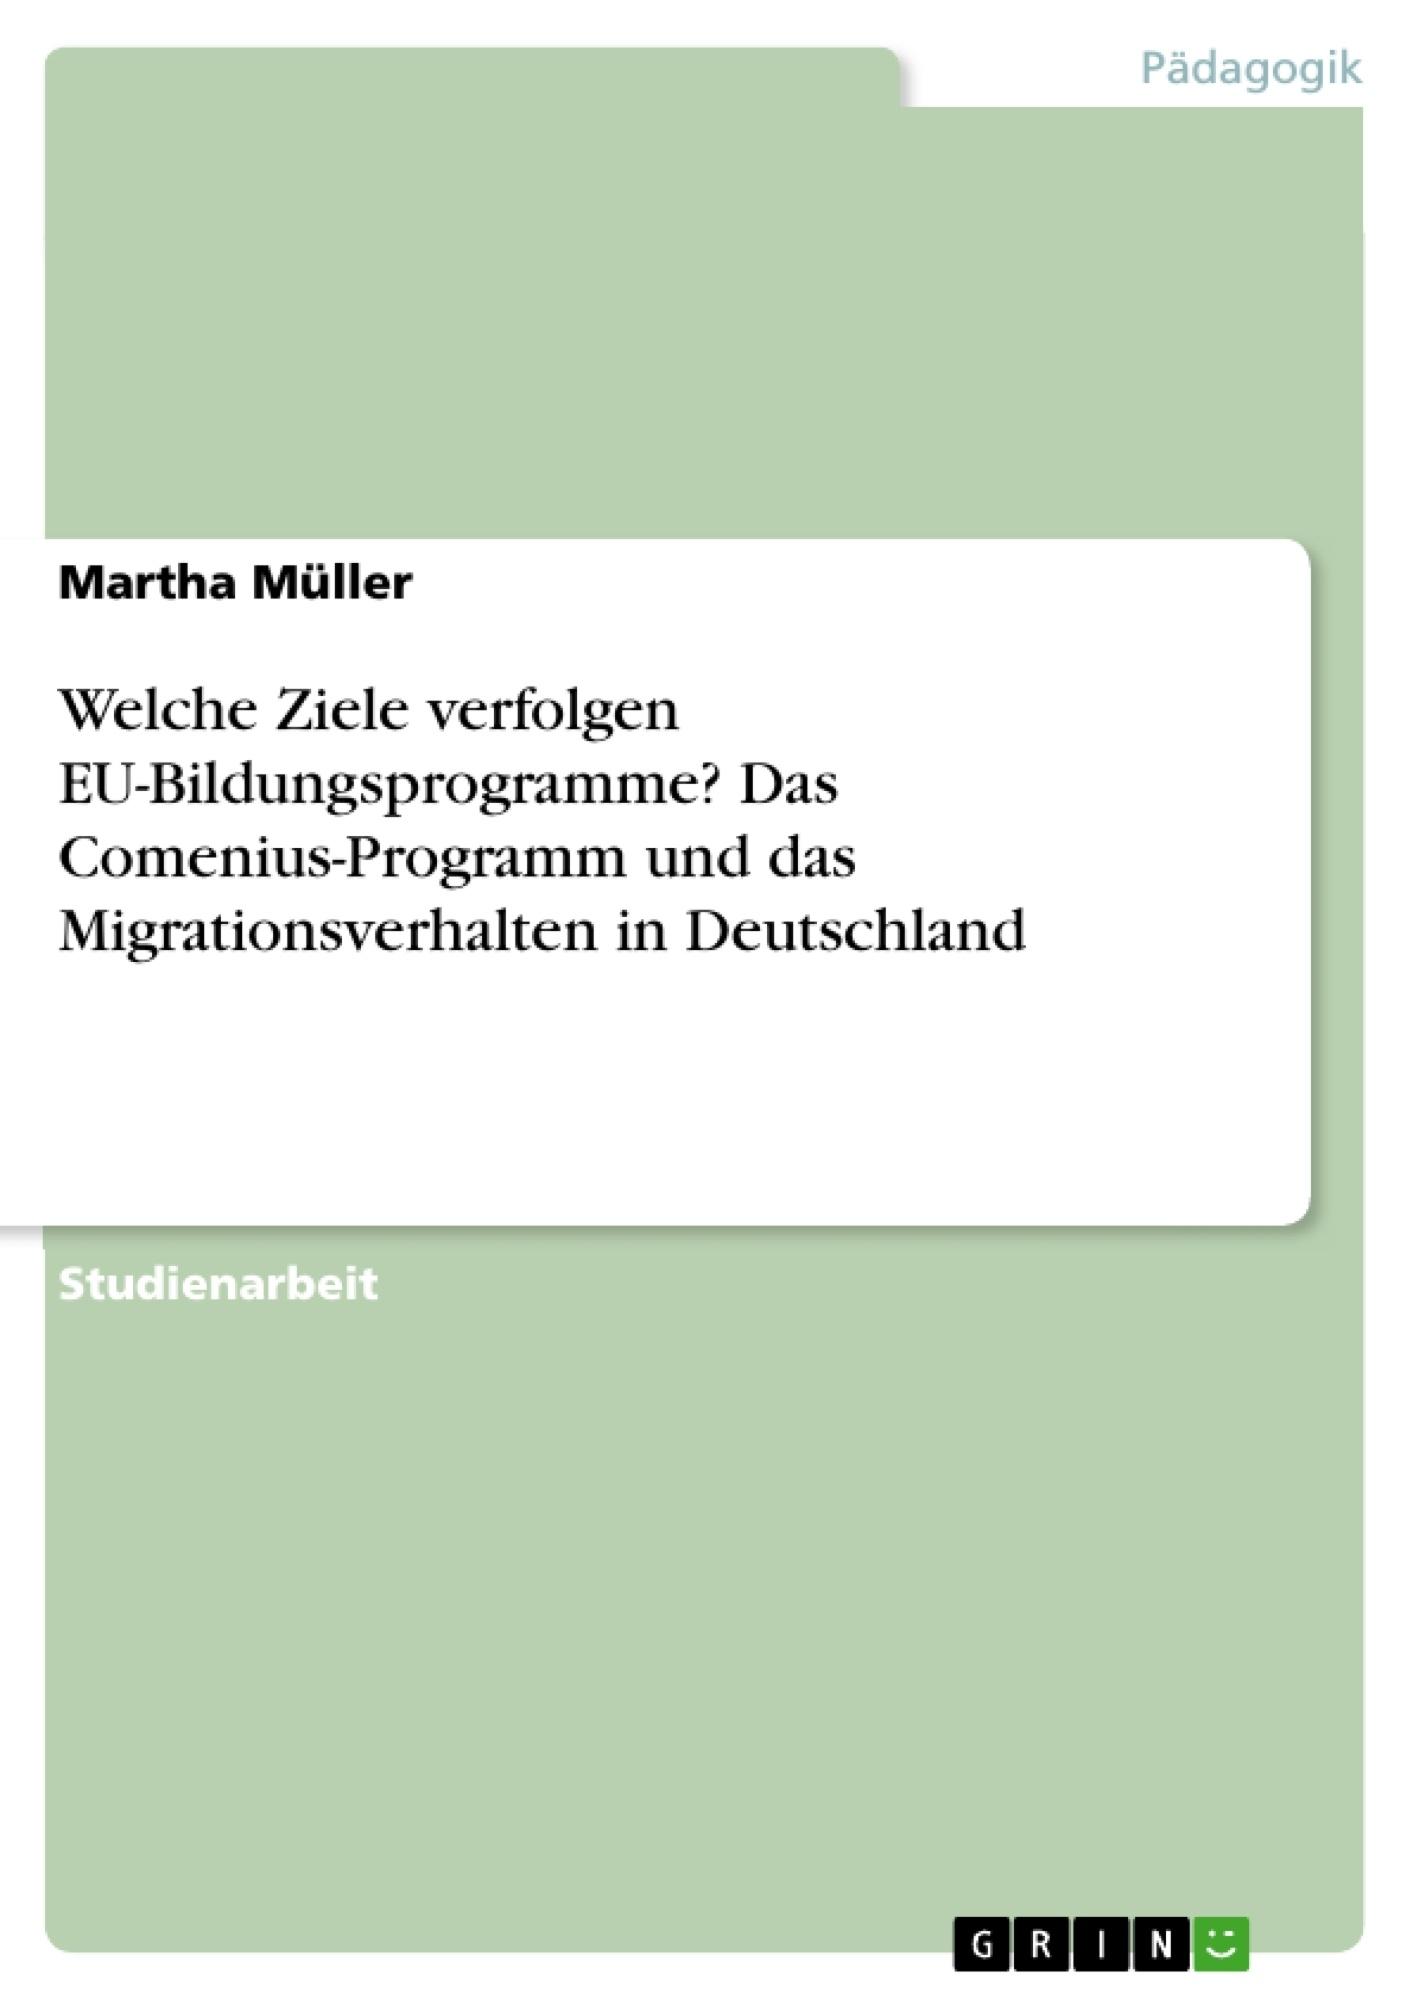 Titel: Welche Ziele verfolgen EU-Bildungsprogramme? Das Comenius-Programm und das Migrationsverhalten in Deutschland